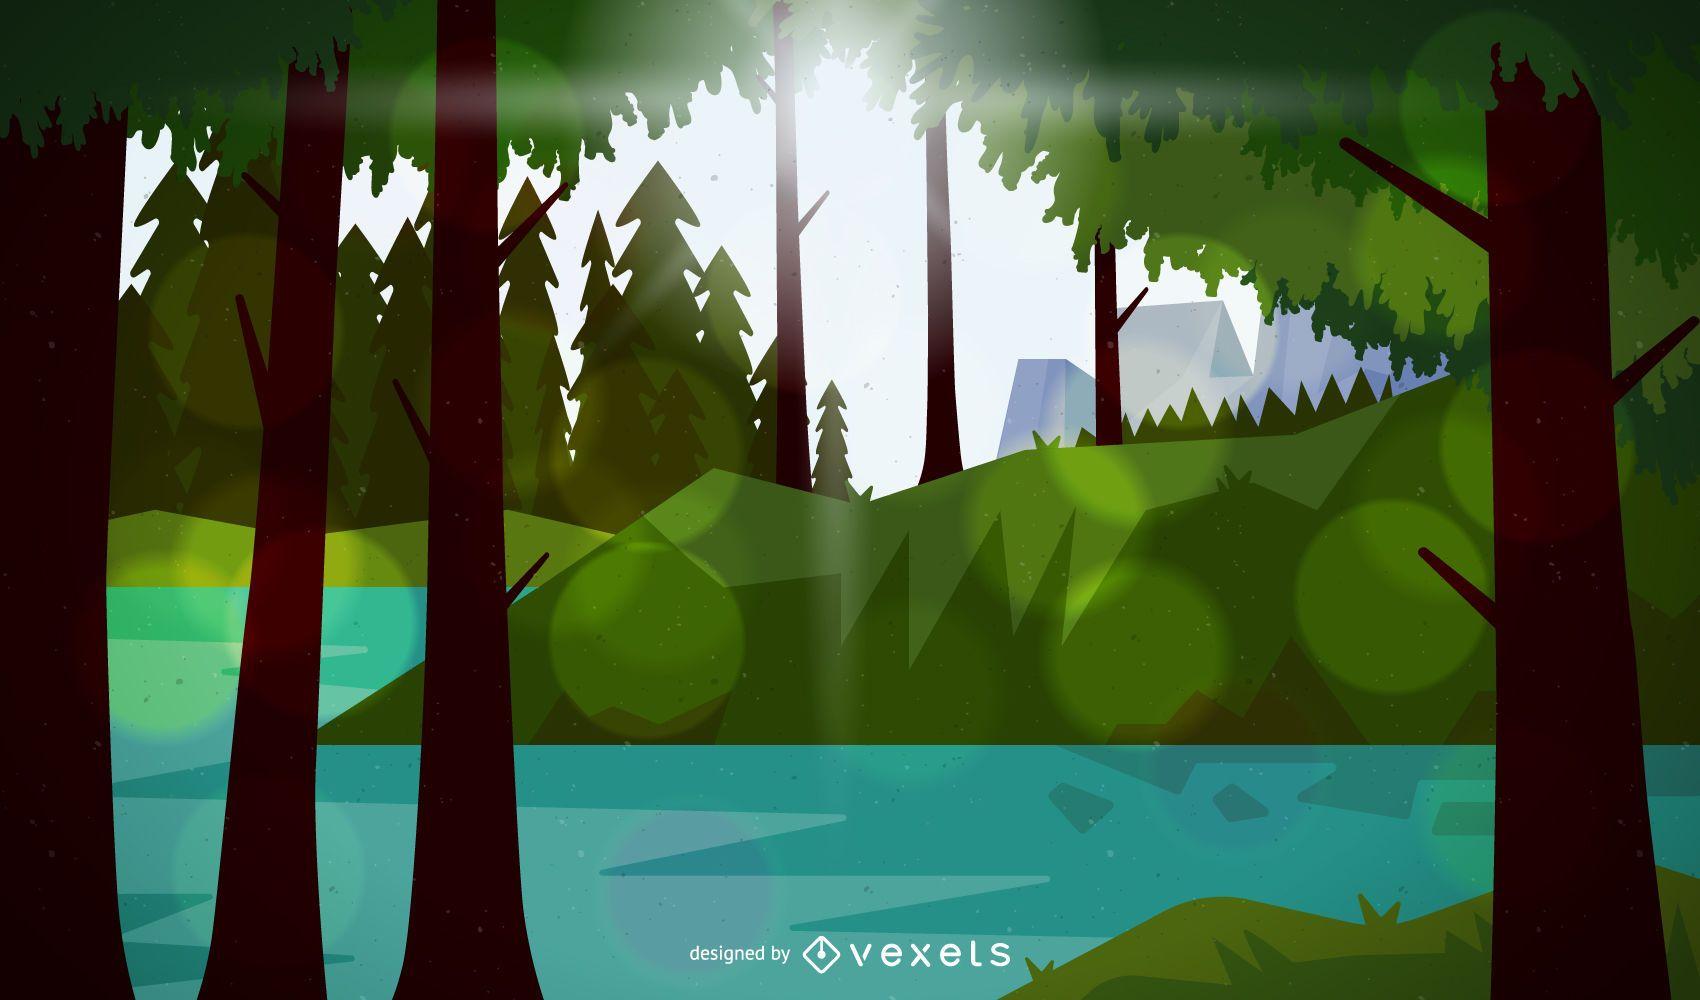 Illustration of a forest landscape